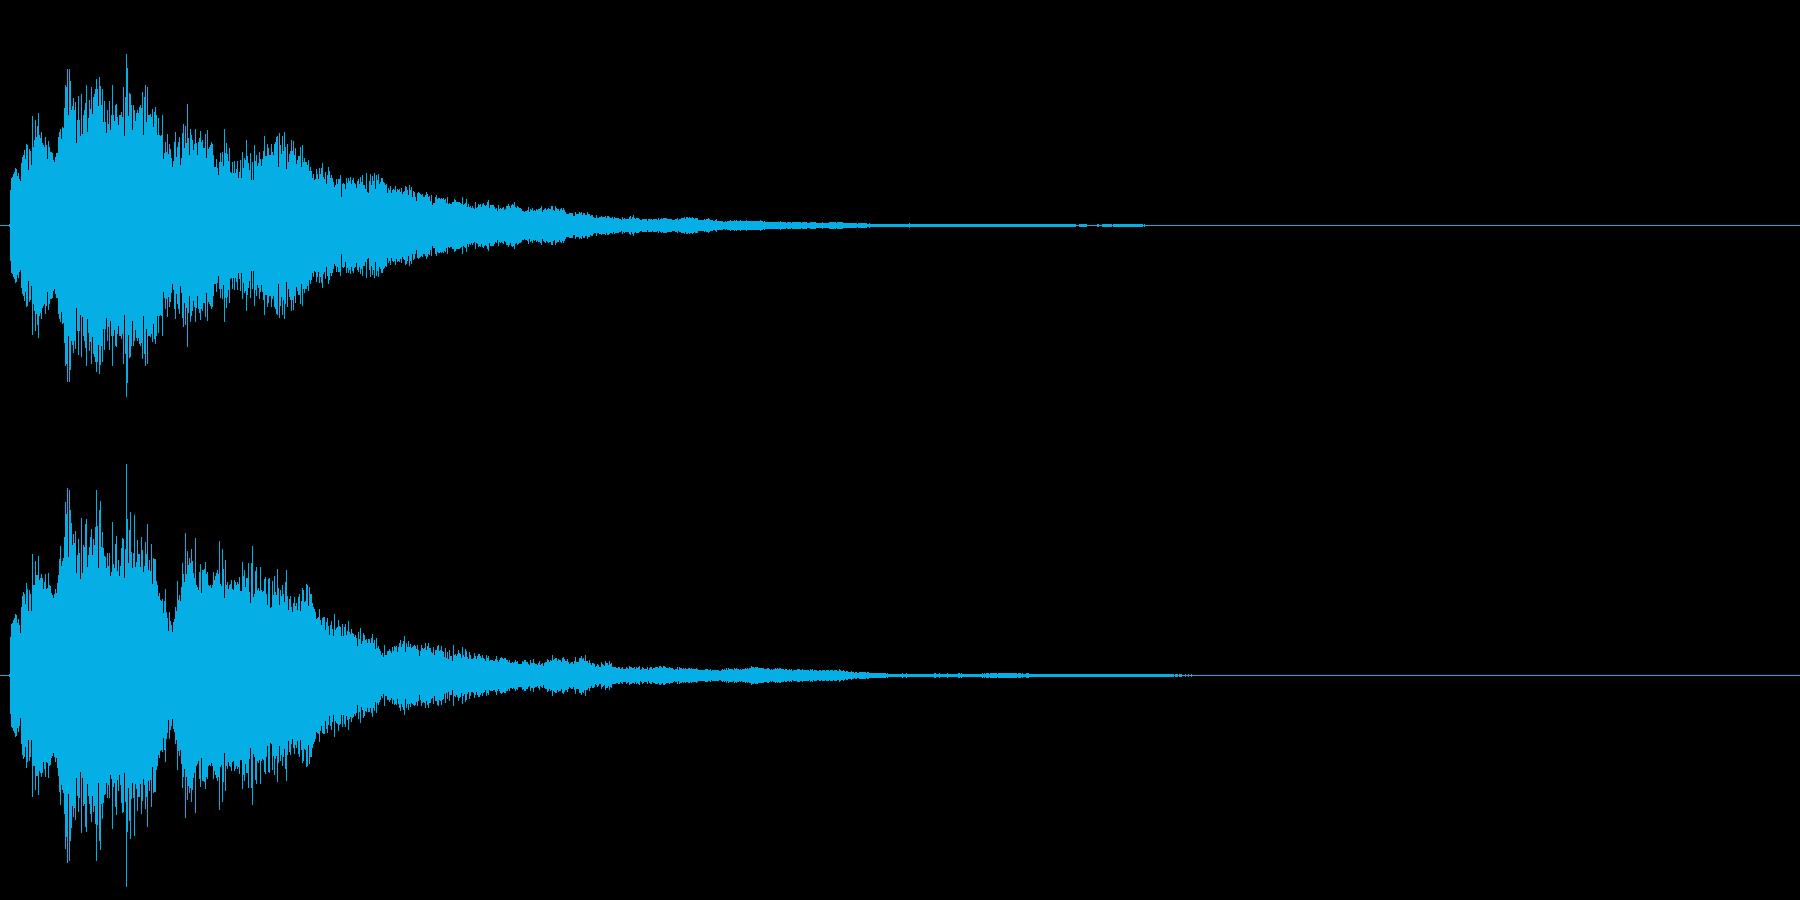 チャラーン(ボタン音・選択音・コイン)の再生済みの波形